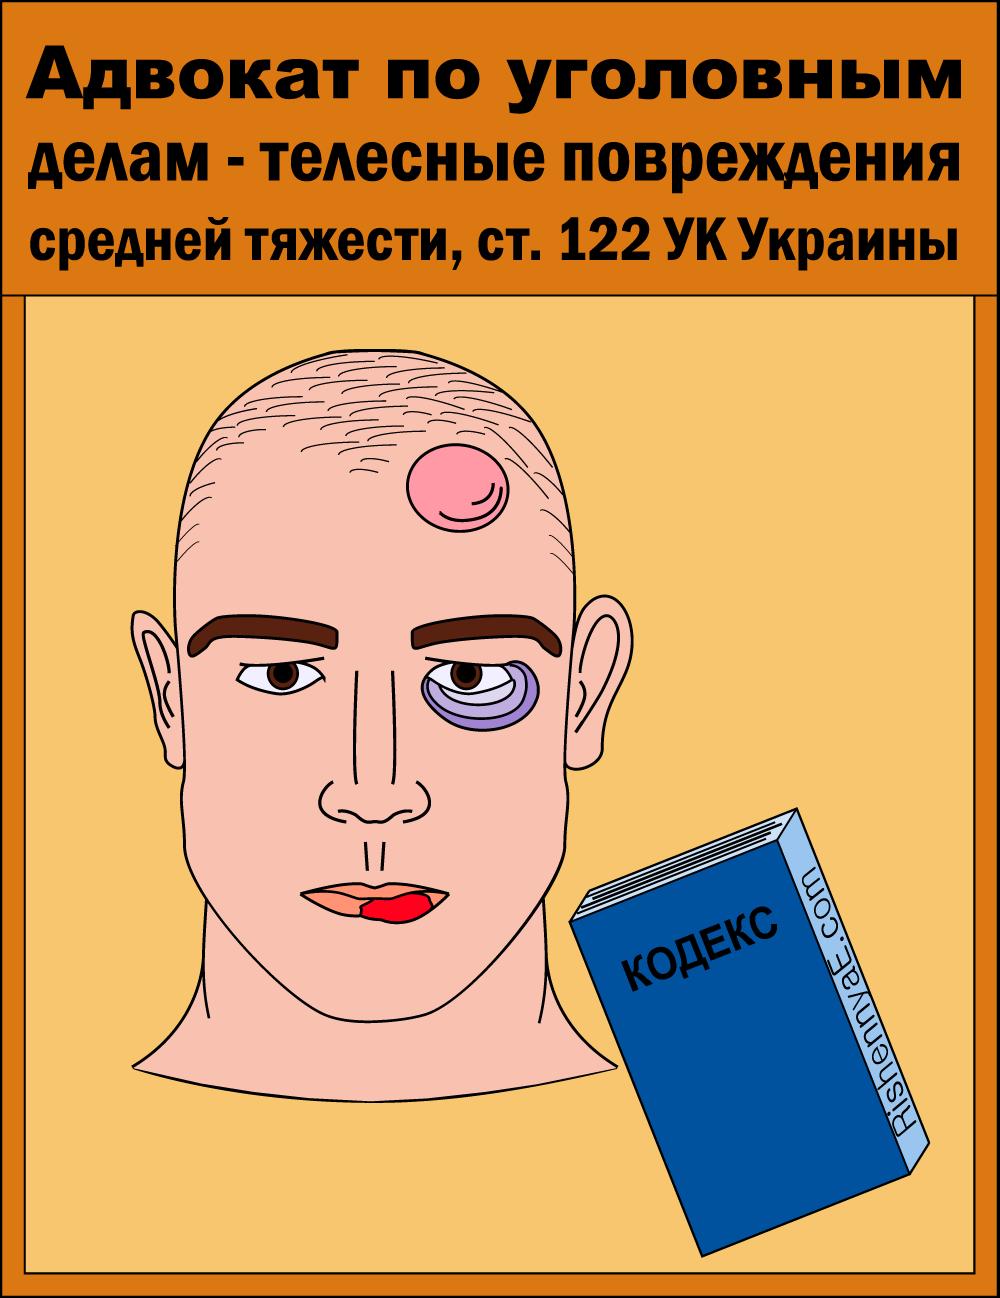 Адвокат по уголовным делам – телесные повреждения средней тяжести, ст. 122 УК Украины http://rishennyae.com